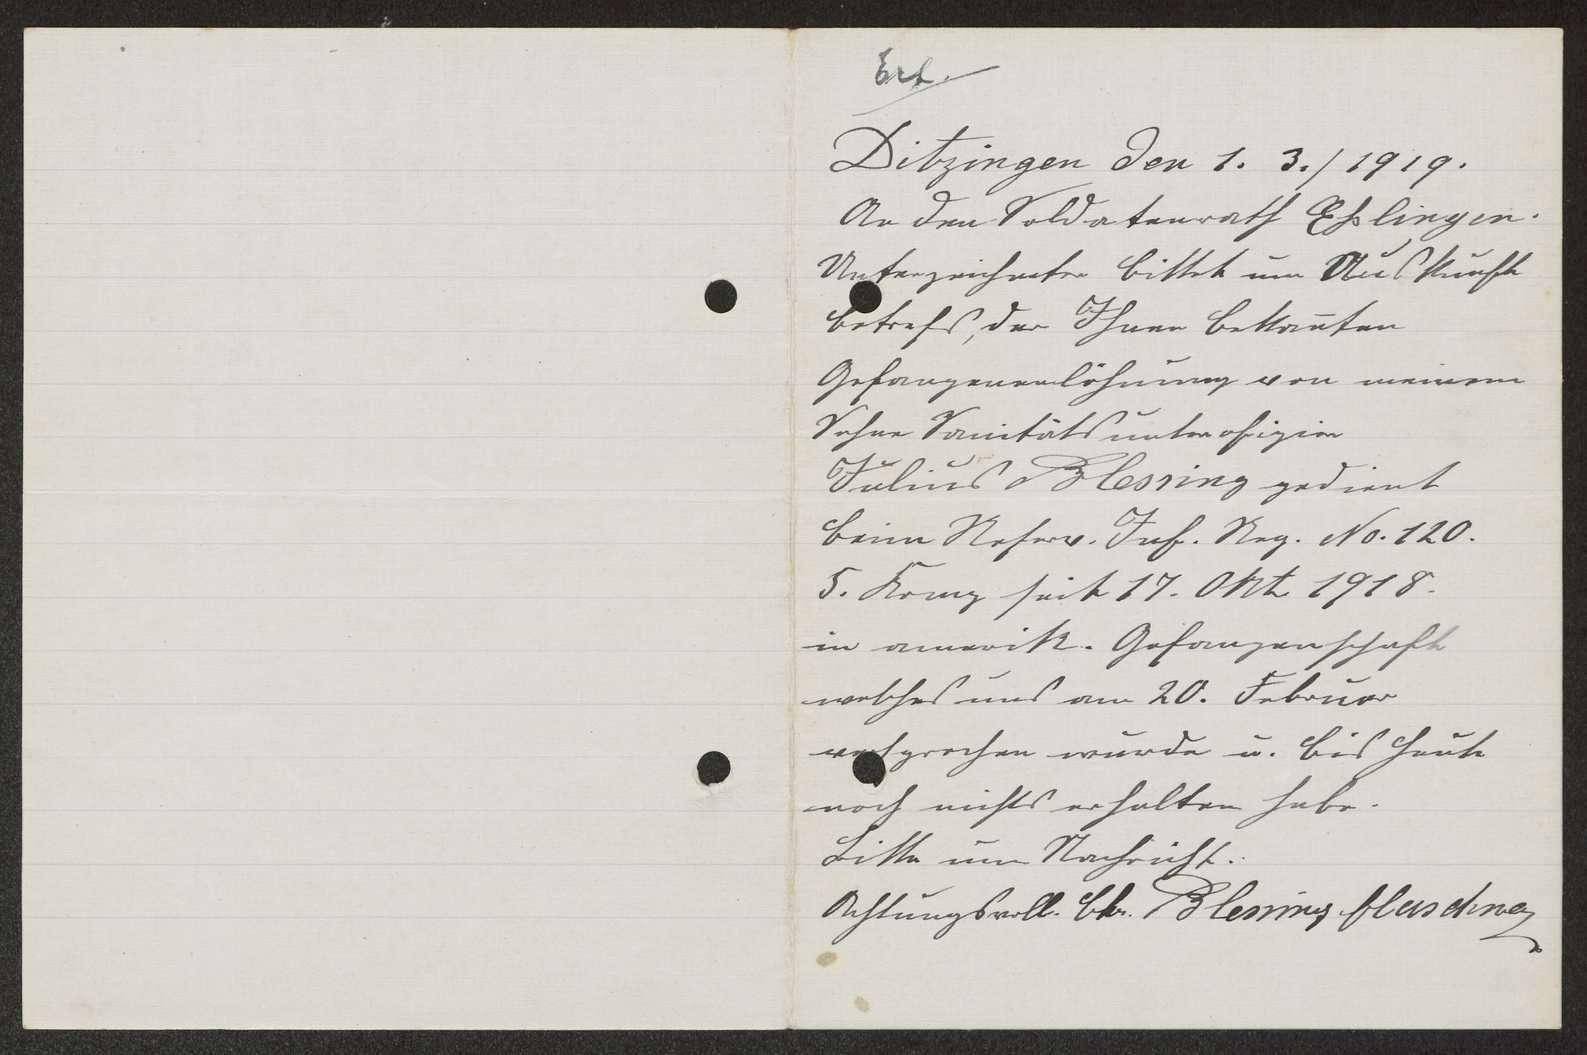 Regelung der Gefangenenlöhnung für einzelne Angehörige des Reserve-Infanterie-Regiments Nr. 120, Bild 3